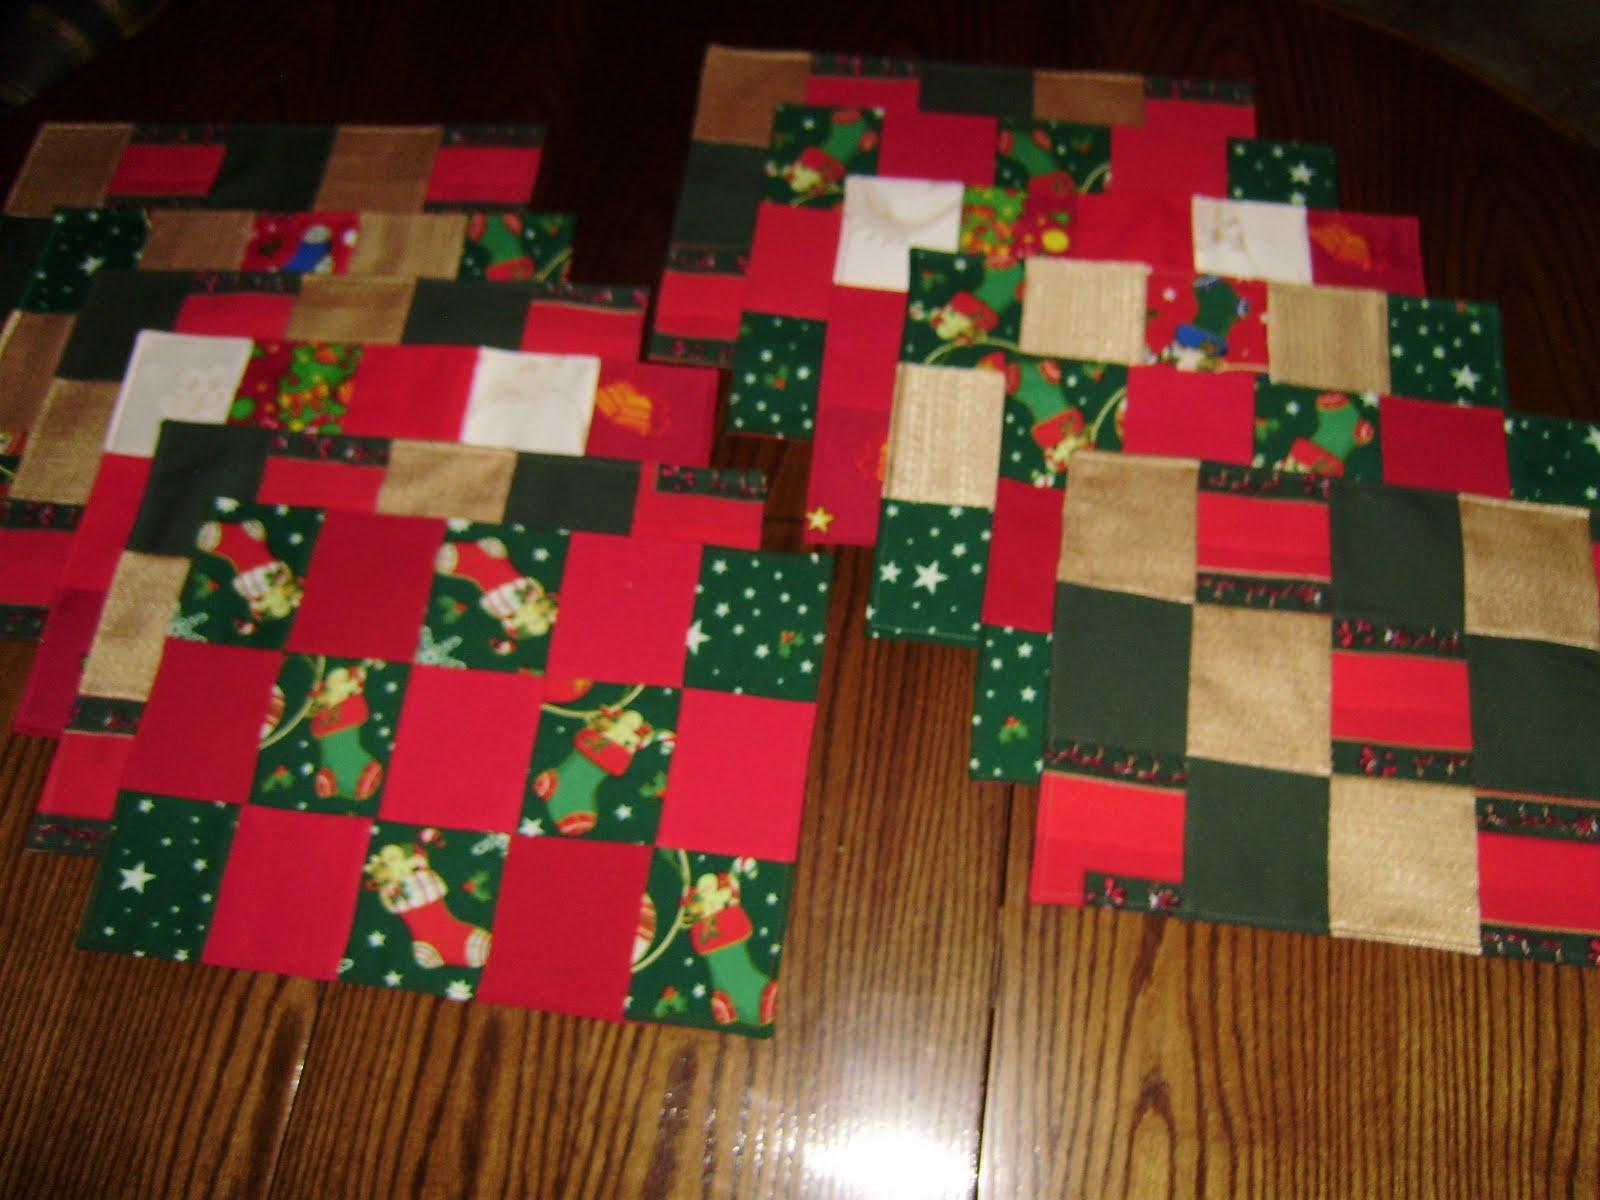 Dibu accesorios decoracion individuales de mesa de navidad for Accesorios para decorar en navidad